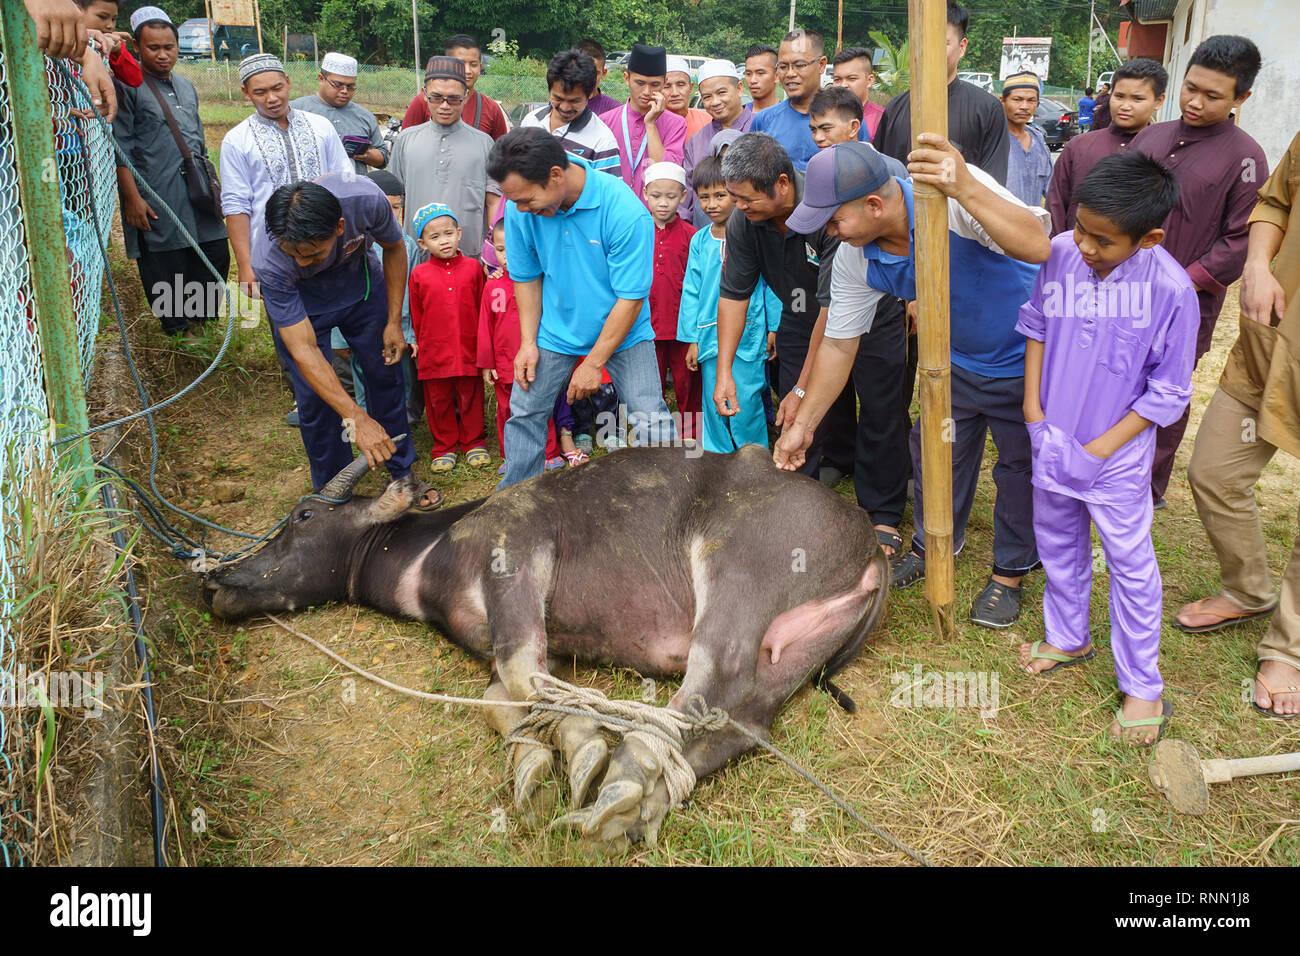 Kiulu Sabah Malaysia - Sep 24, 2015: eine Gruppe der malaysischen Muslime Vorbereitung ein Büffel Schlachten während des Eid Al-Adha Al Mubarak, das Fest der Sacri zu Stockbild